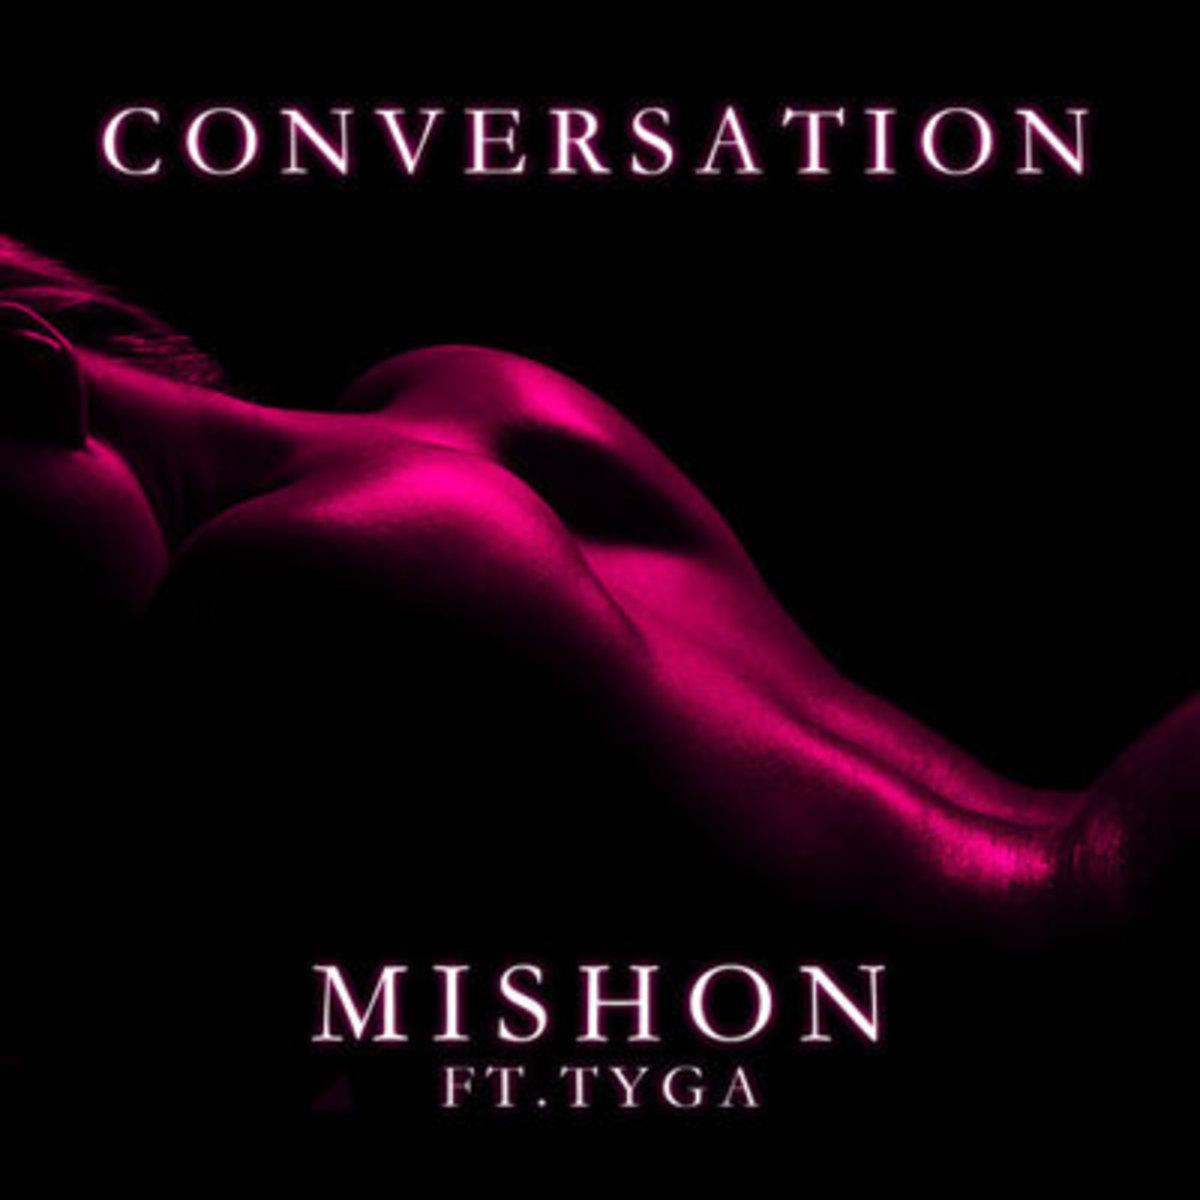 mishon-conversation2.jpg